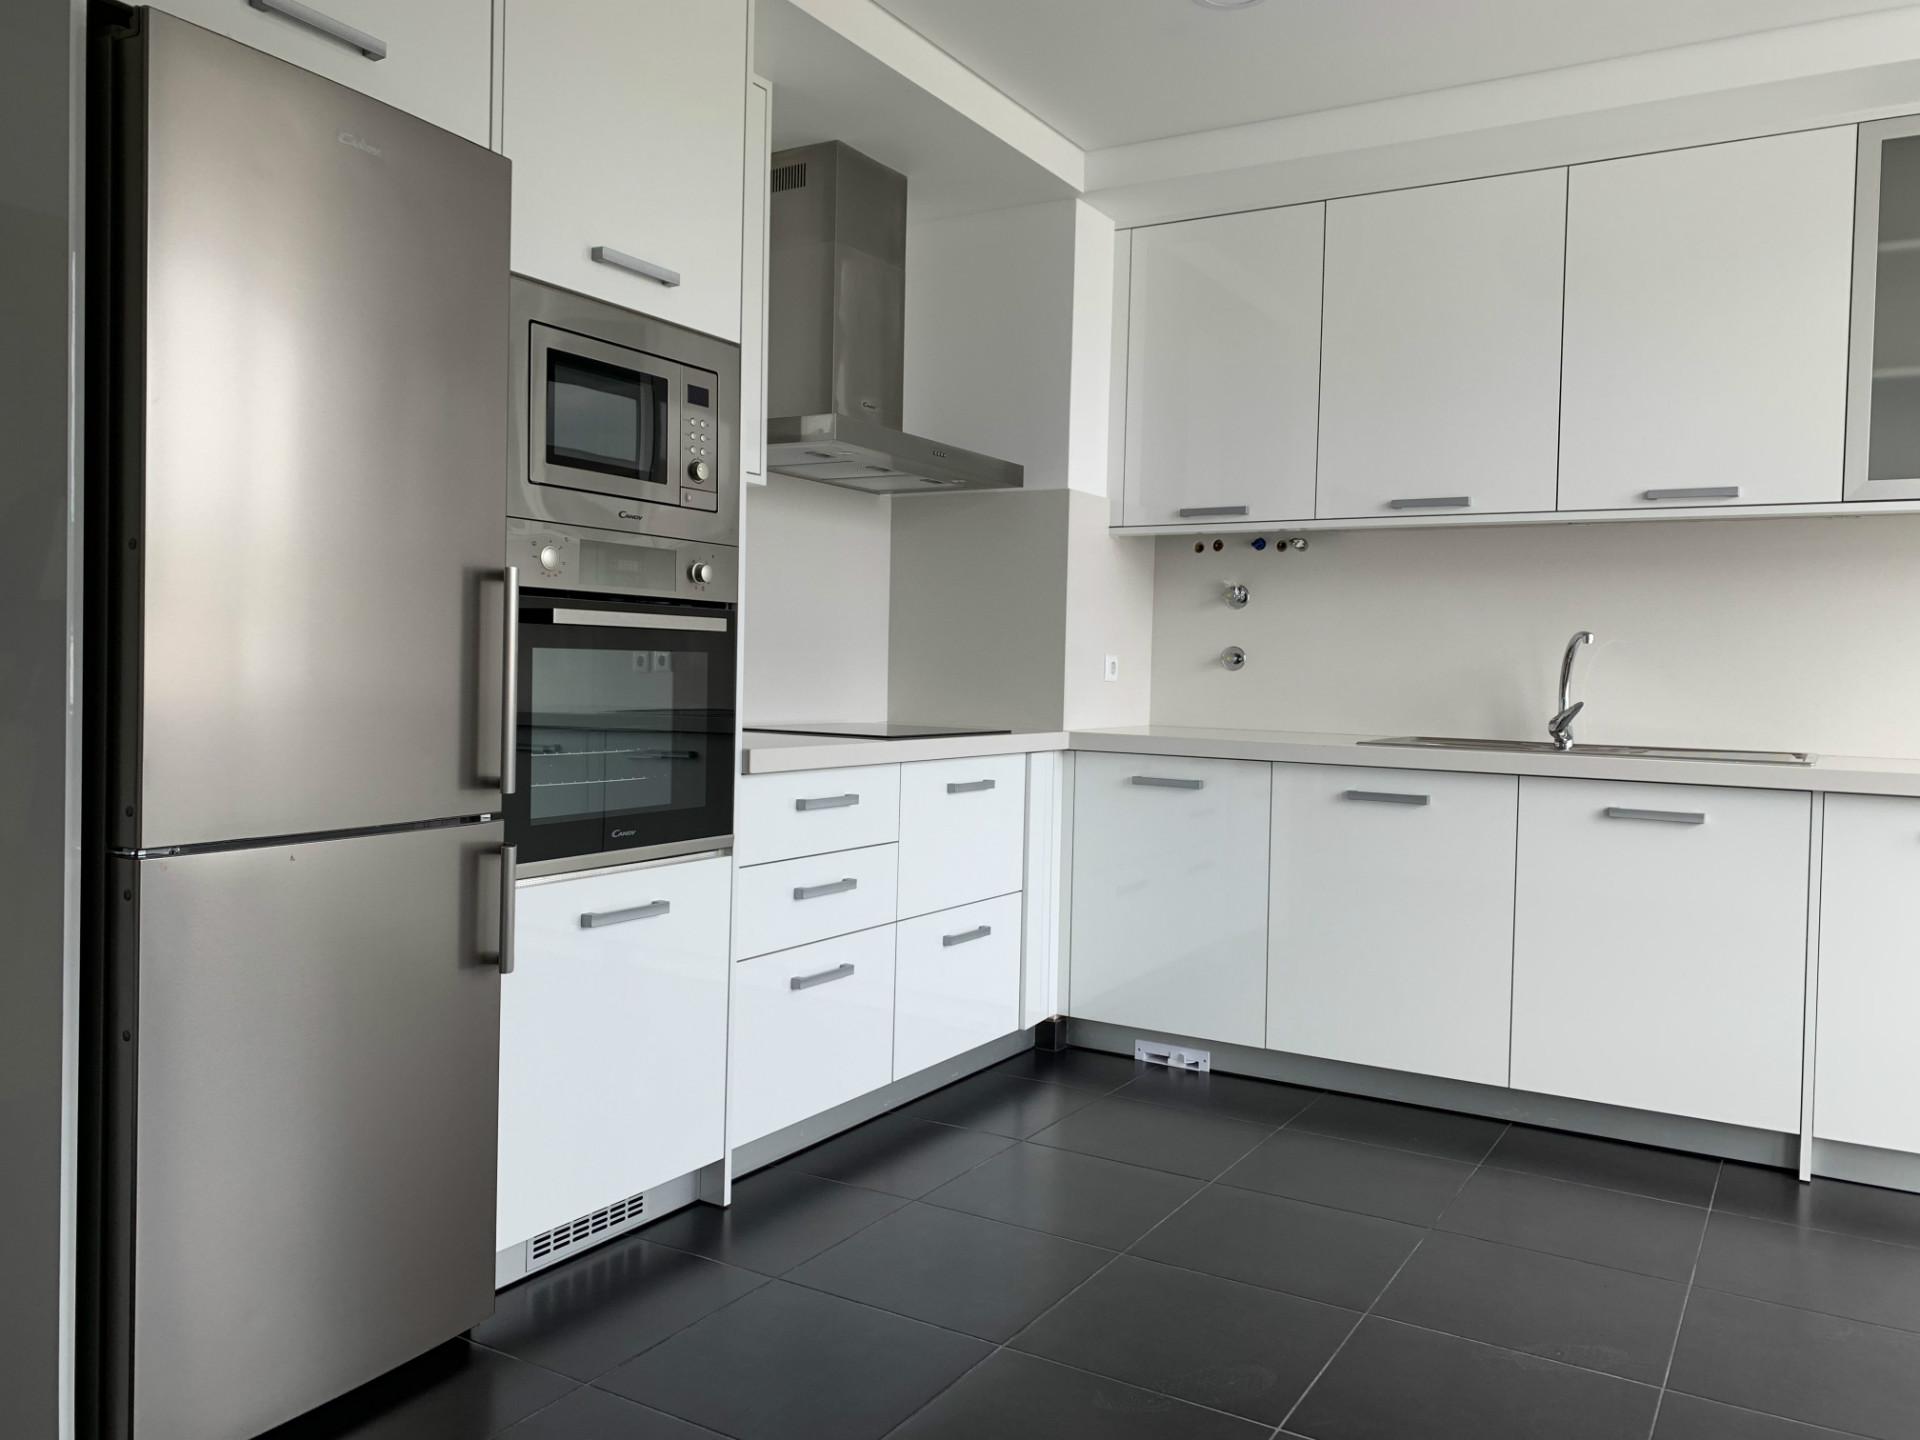 Apartamento T2, Coimbra, Montemor-o-Velho